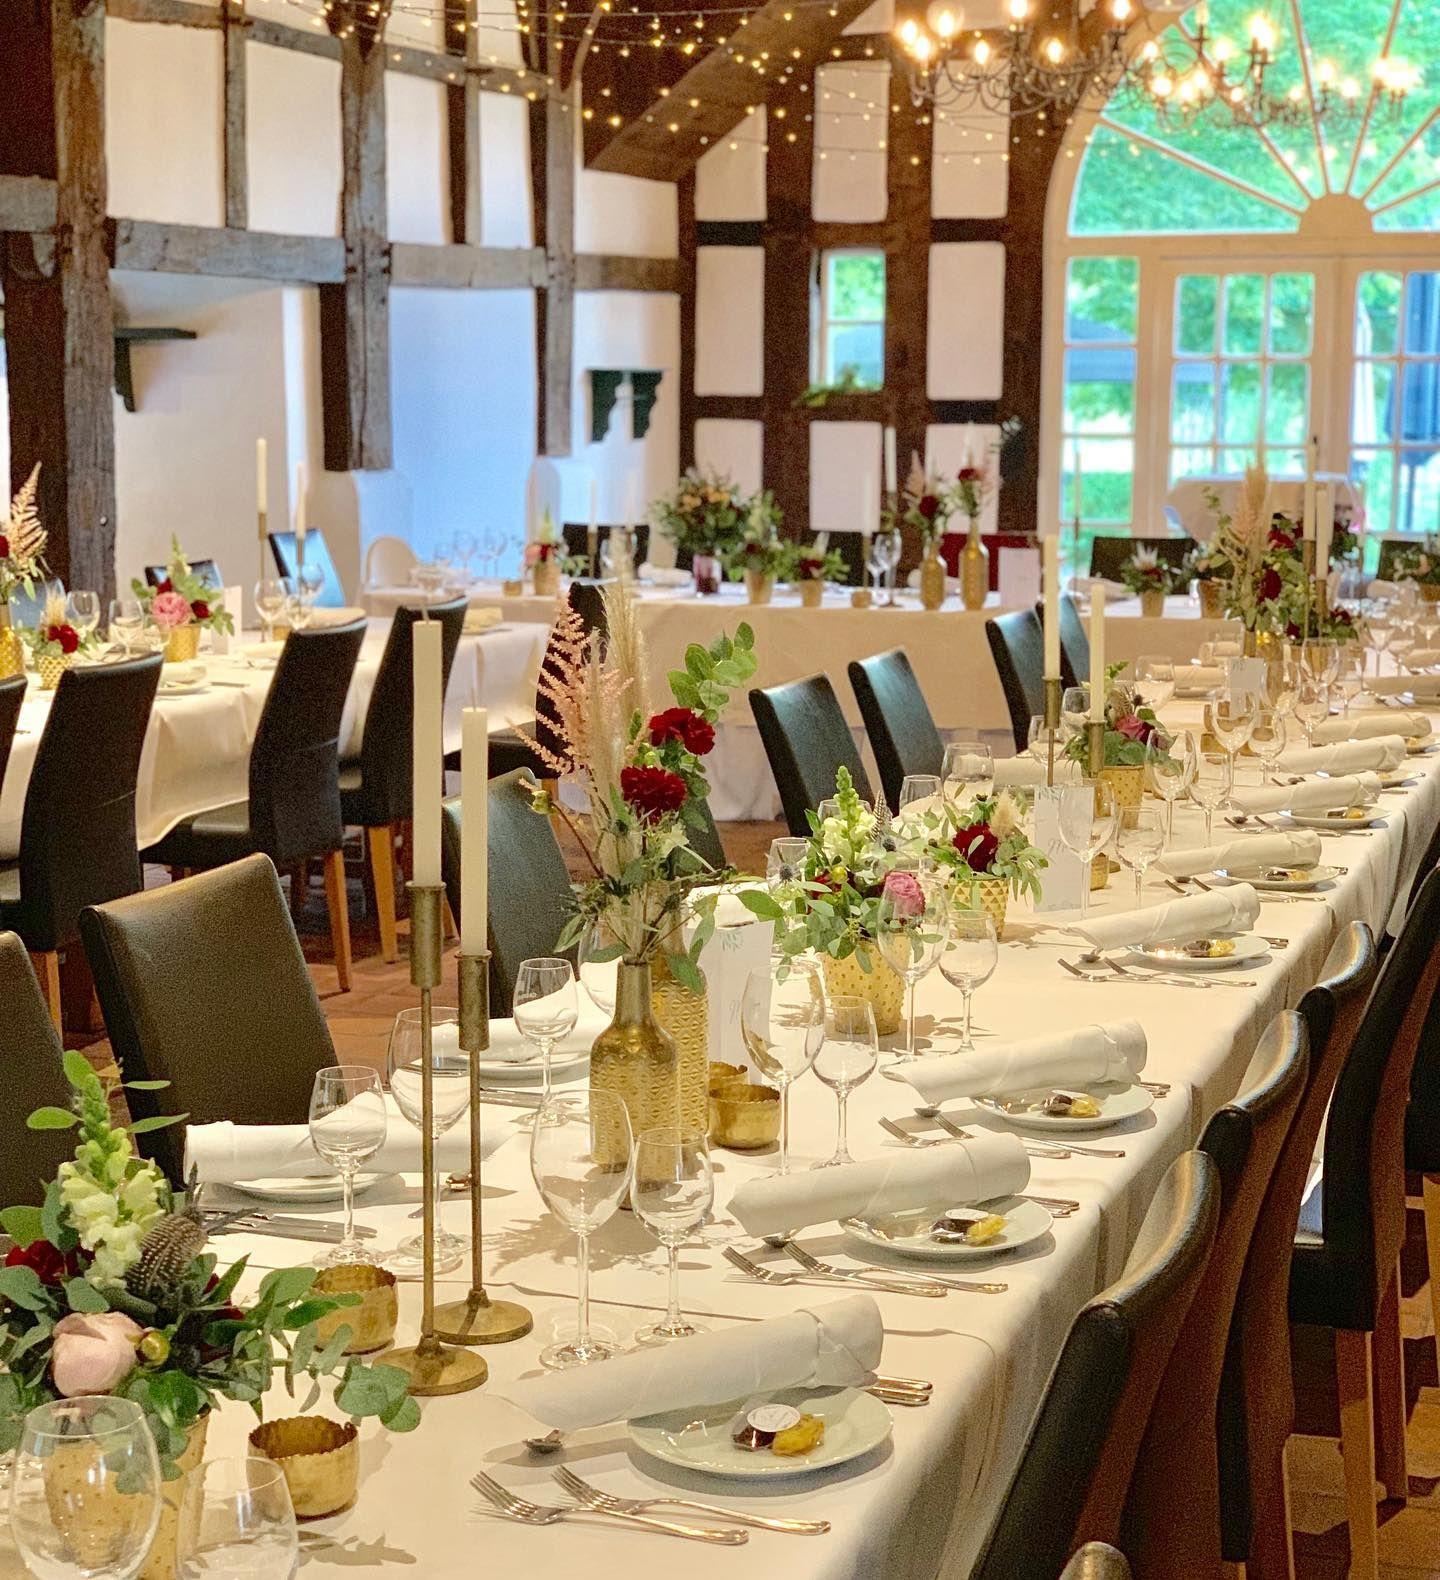 Eine Wunderschone Hochzeit Im Hulshoff Lippstadt Burgunderrot Und Gold Sieht So Schon Zusammen Aus Traumhochzeit In 2020 Table Settings Decor Table Decorations